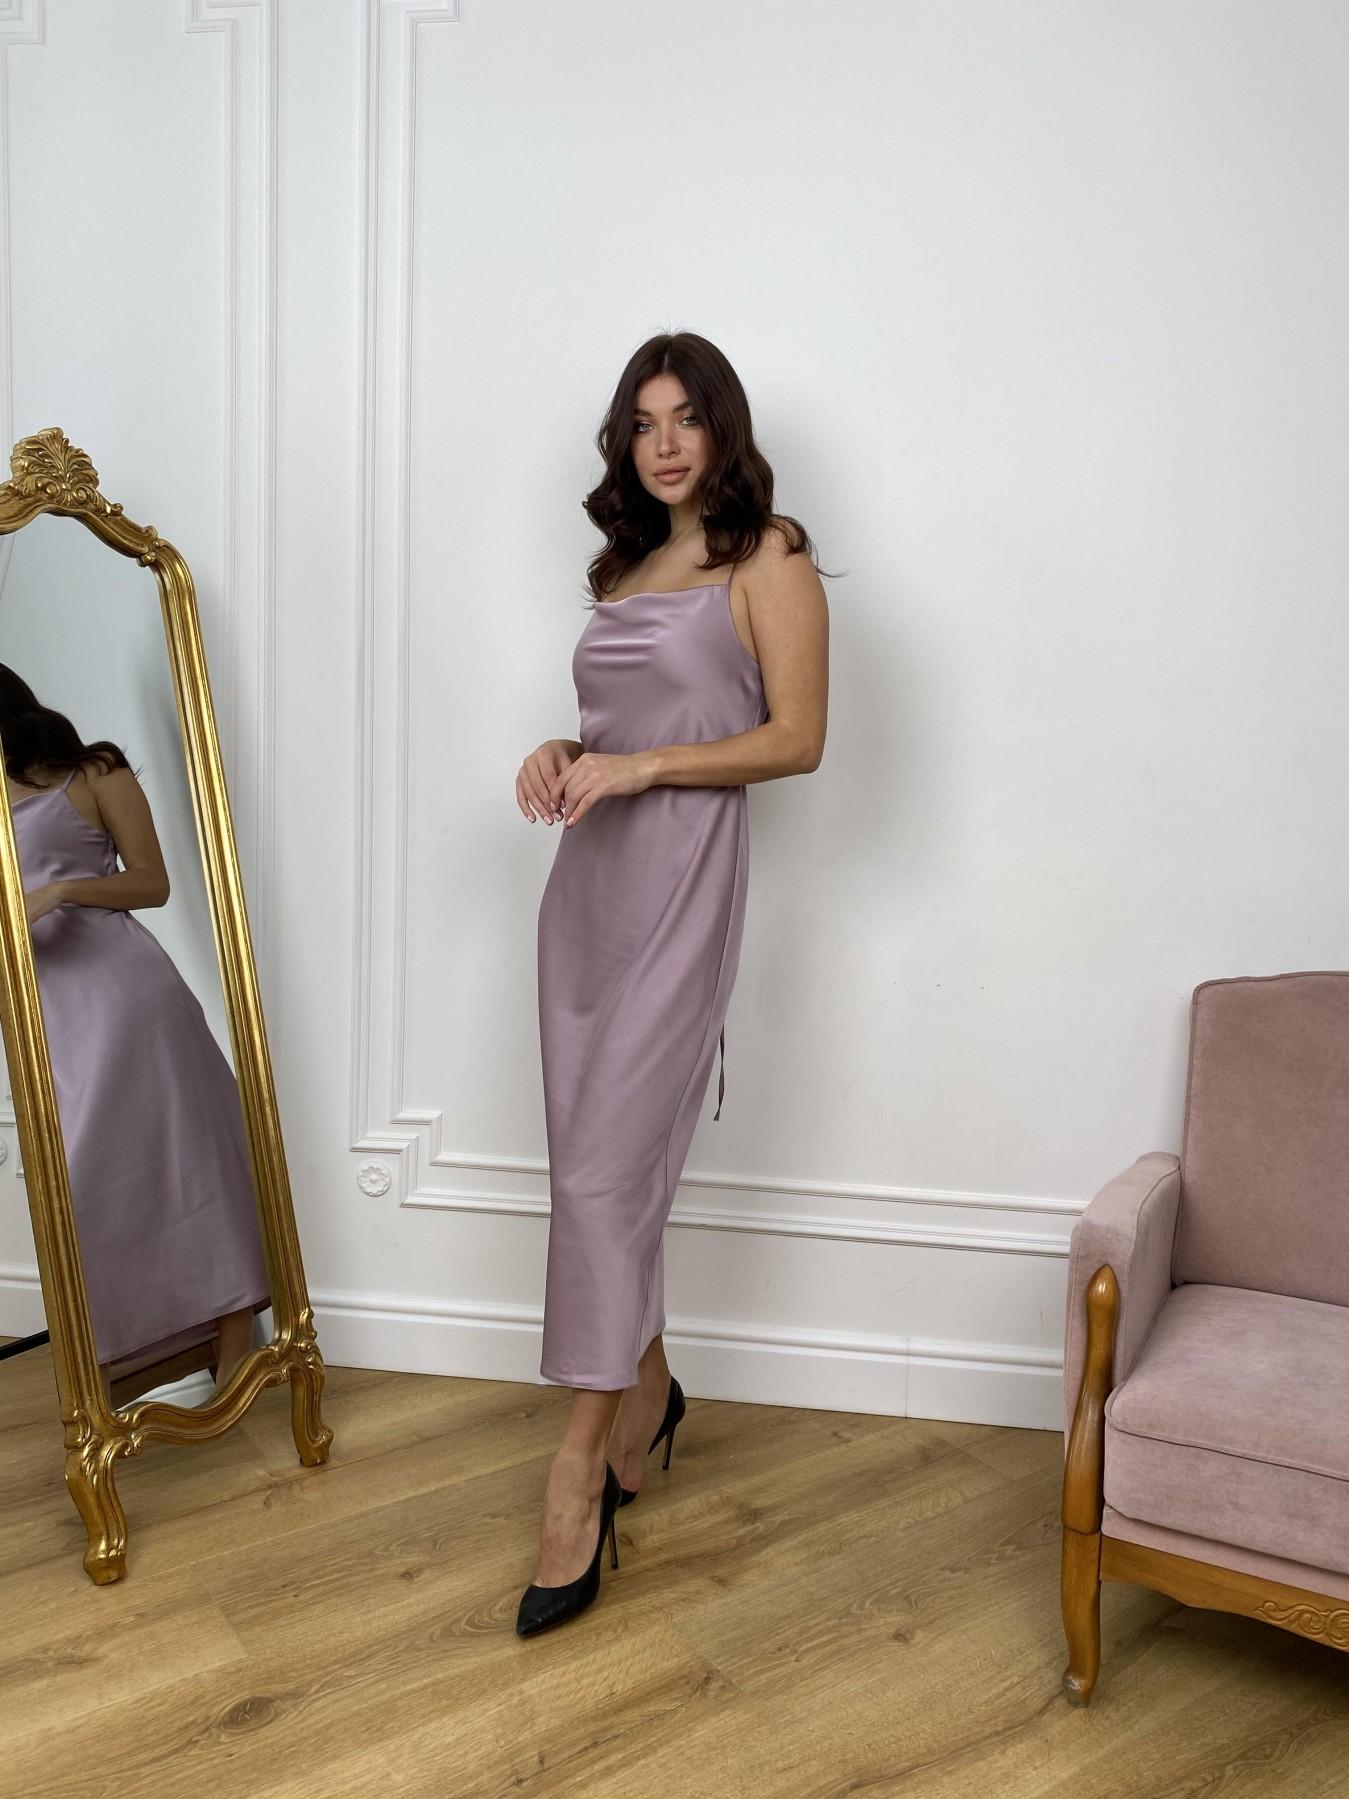 Камая Шелк платье 10605 АРТ. 46970 Цвет: Пудра - фото 4, интернет магазин tm-modus.ru